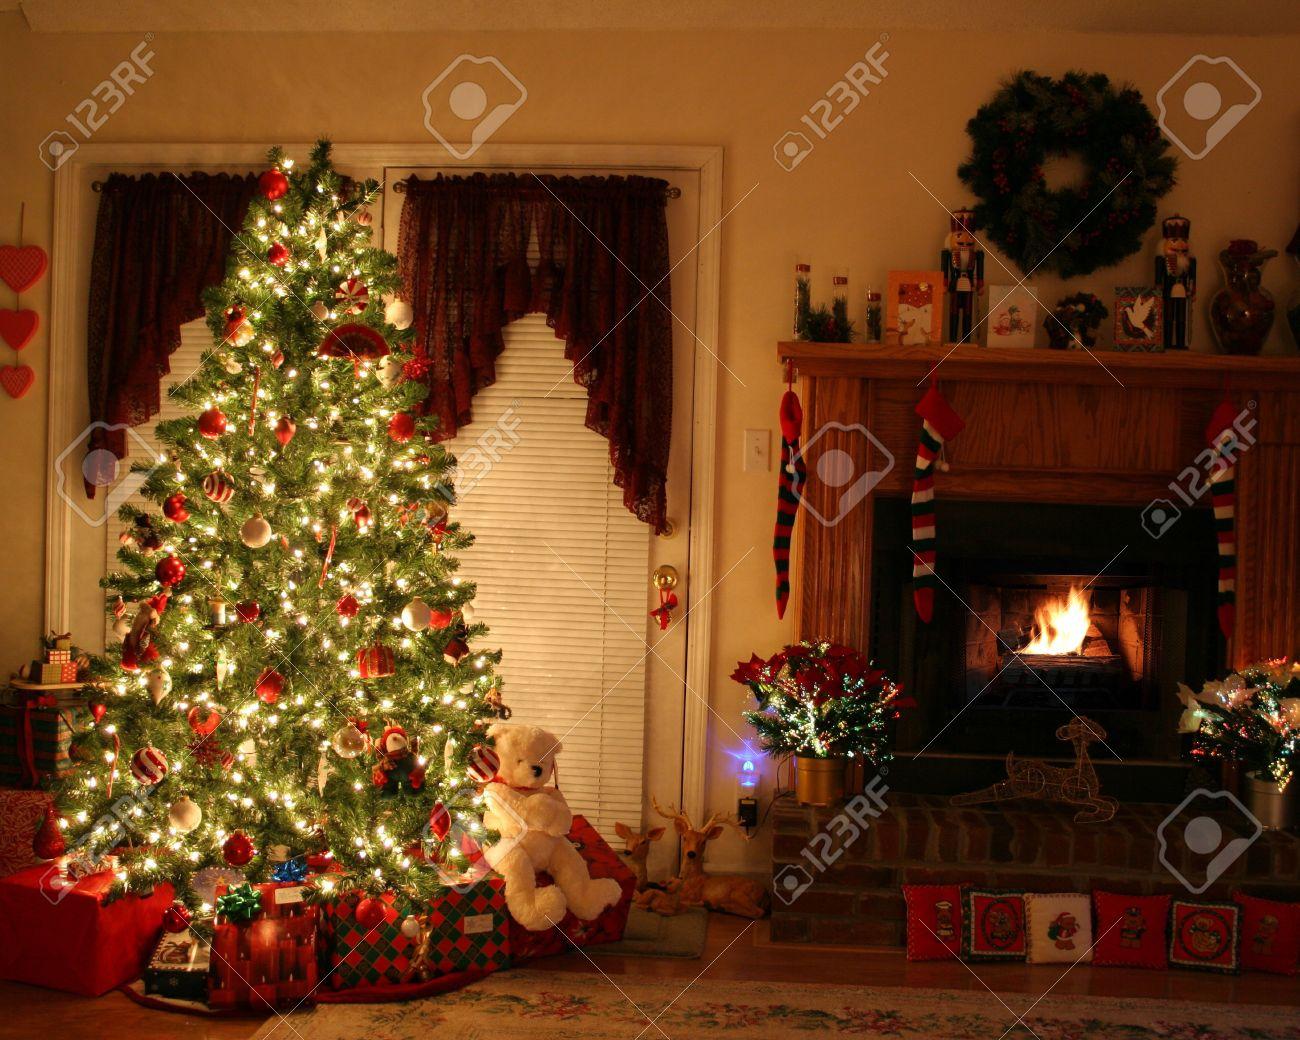 Startseite Mit Beleuchteten Weihnachtsbaum, Geschenke, Kamin ...